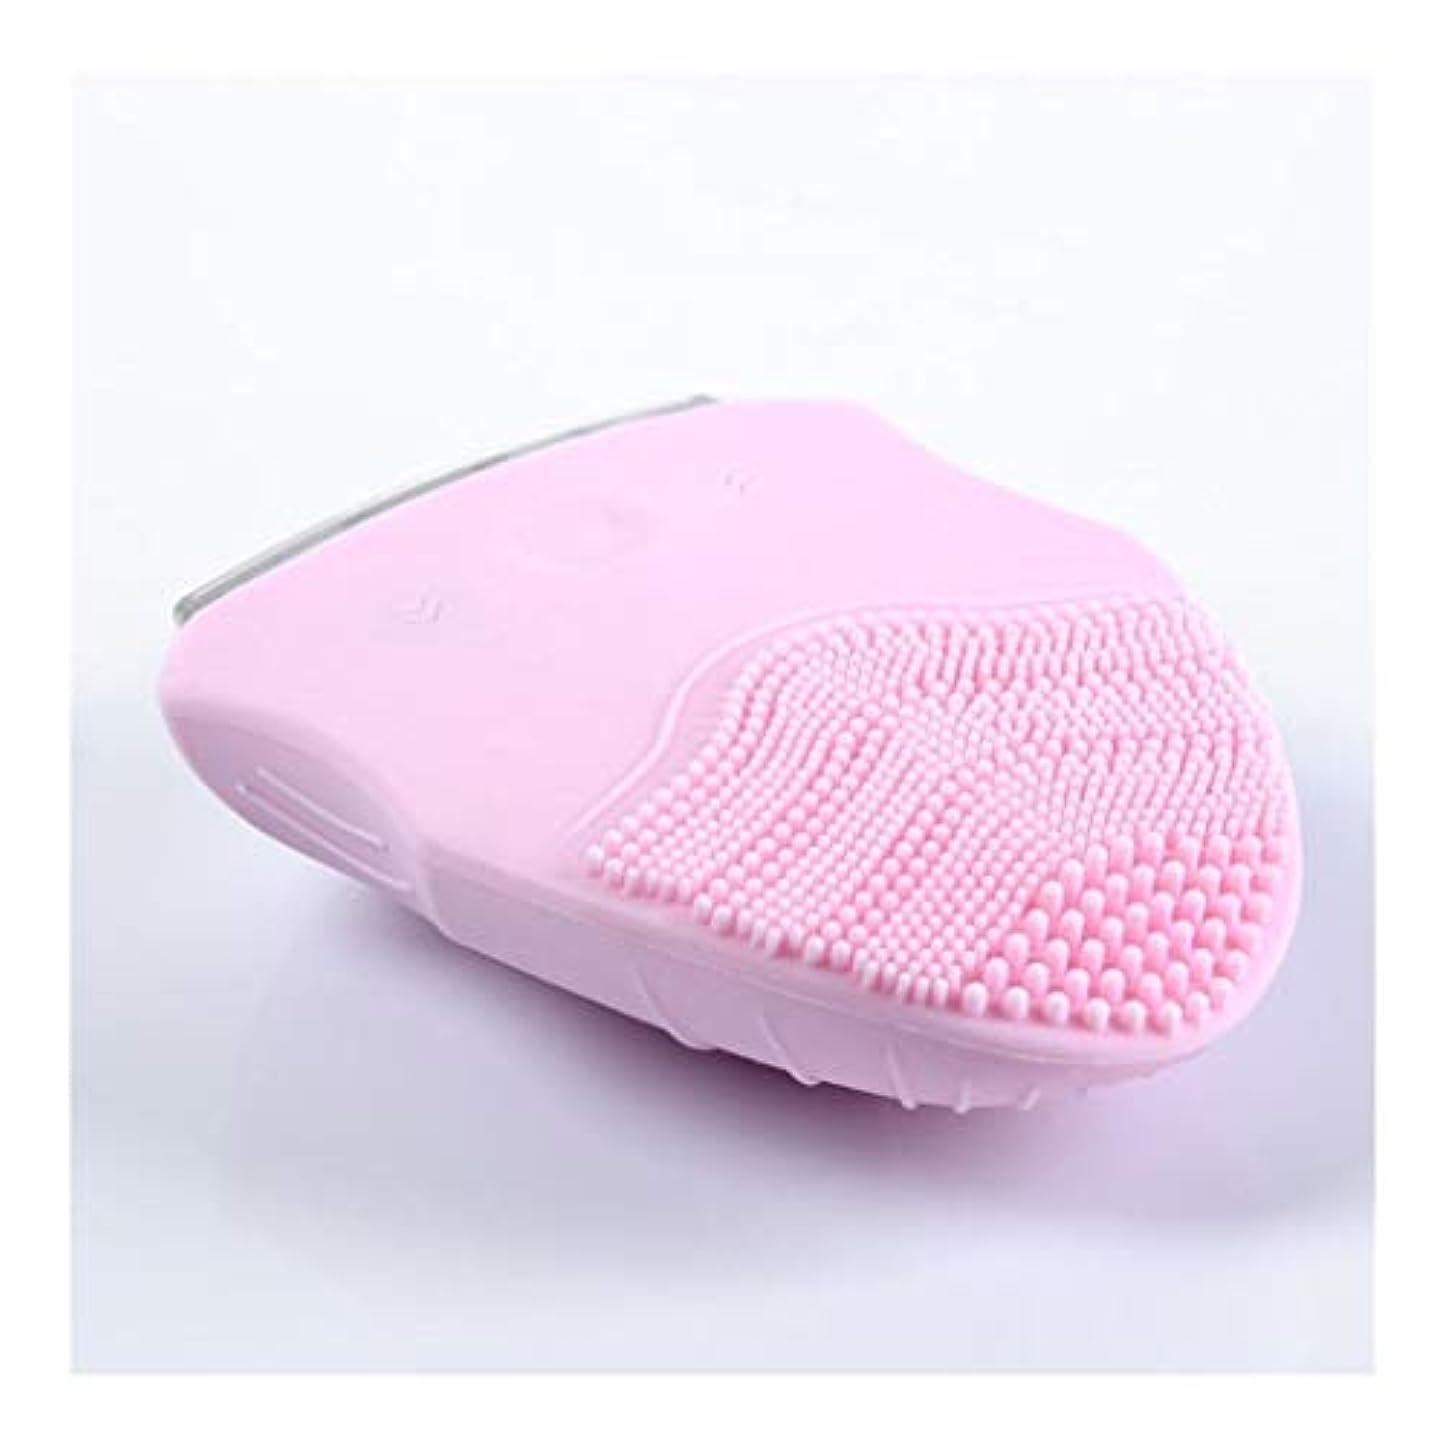 適応的肘掛け椅子花輪ソニックバイブレーションフェイシャルクレンジングブラシ、電動ポータブル美容器具ディープクレンジングブラシは、すべての肌タイプのしわ美容ツールを減らします (Color : Pink)